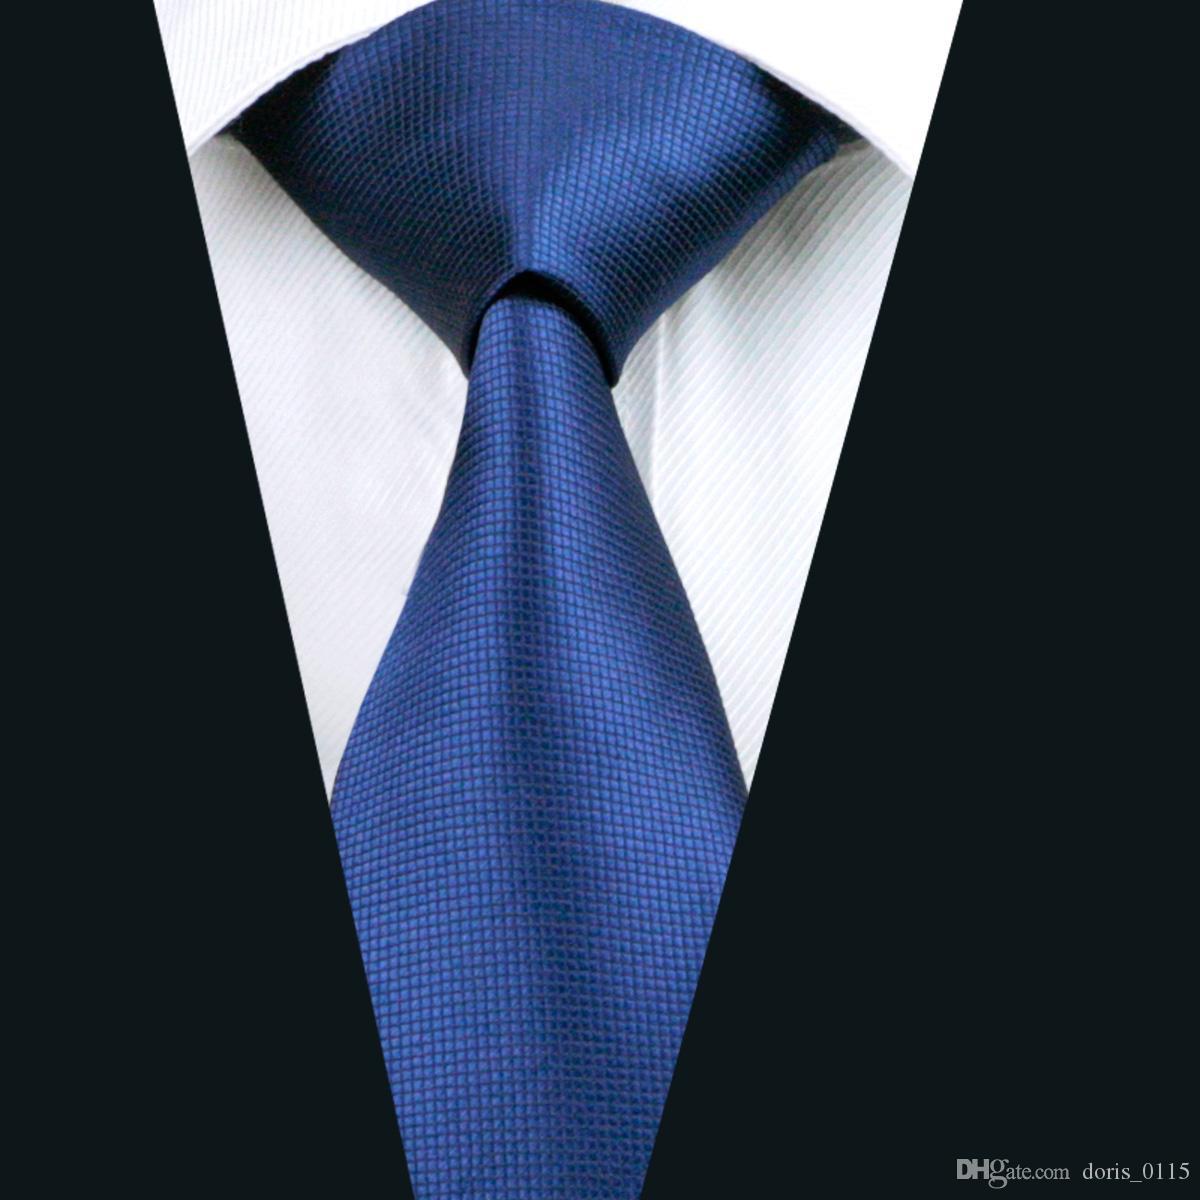 Clássico Azul Sólida Gravata para Homens De Seda Jacquard Tecido Negócio Gravata Reunião Ocasional Terno Empate D-0326